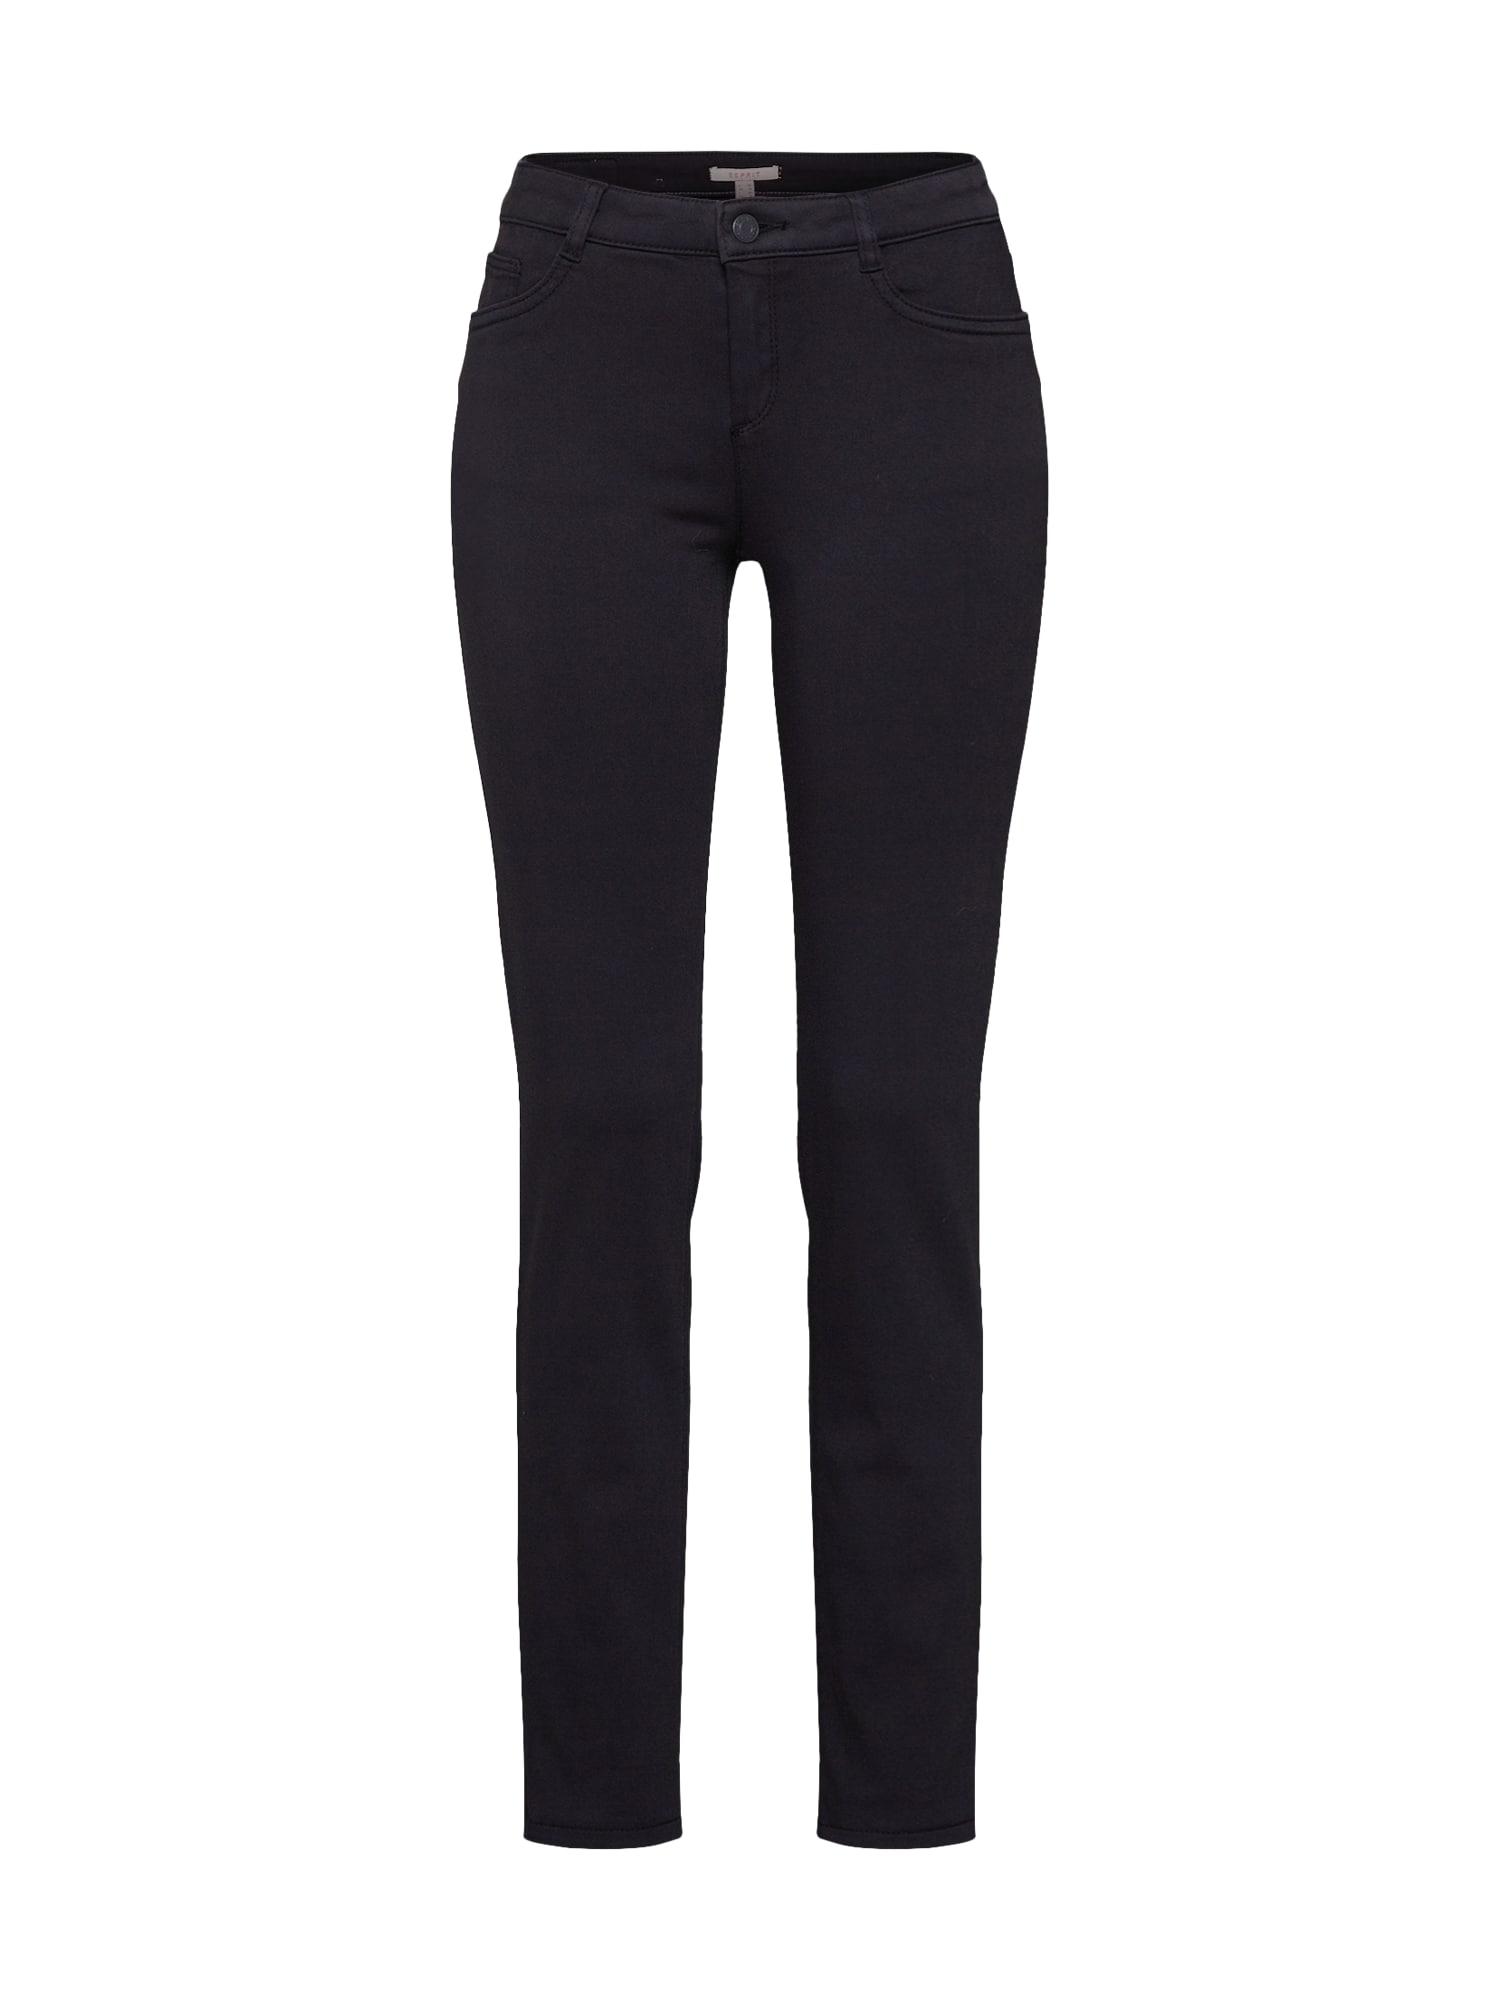 ESPRIT Chino stiliaus kelnės 'MR Slim' juoda